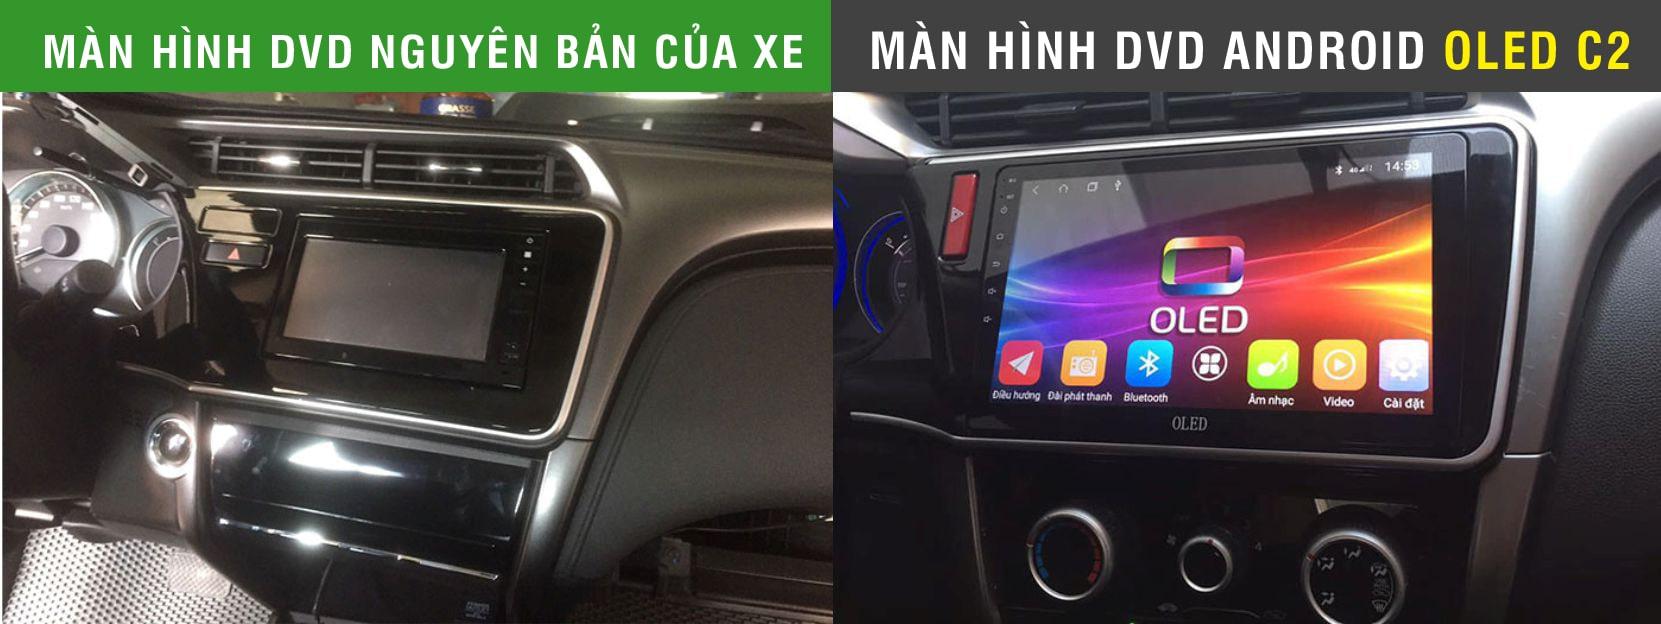 màn hình dvd android oled c2 cho ô tô